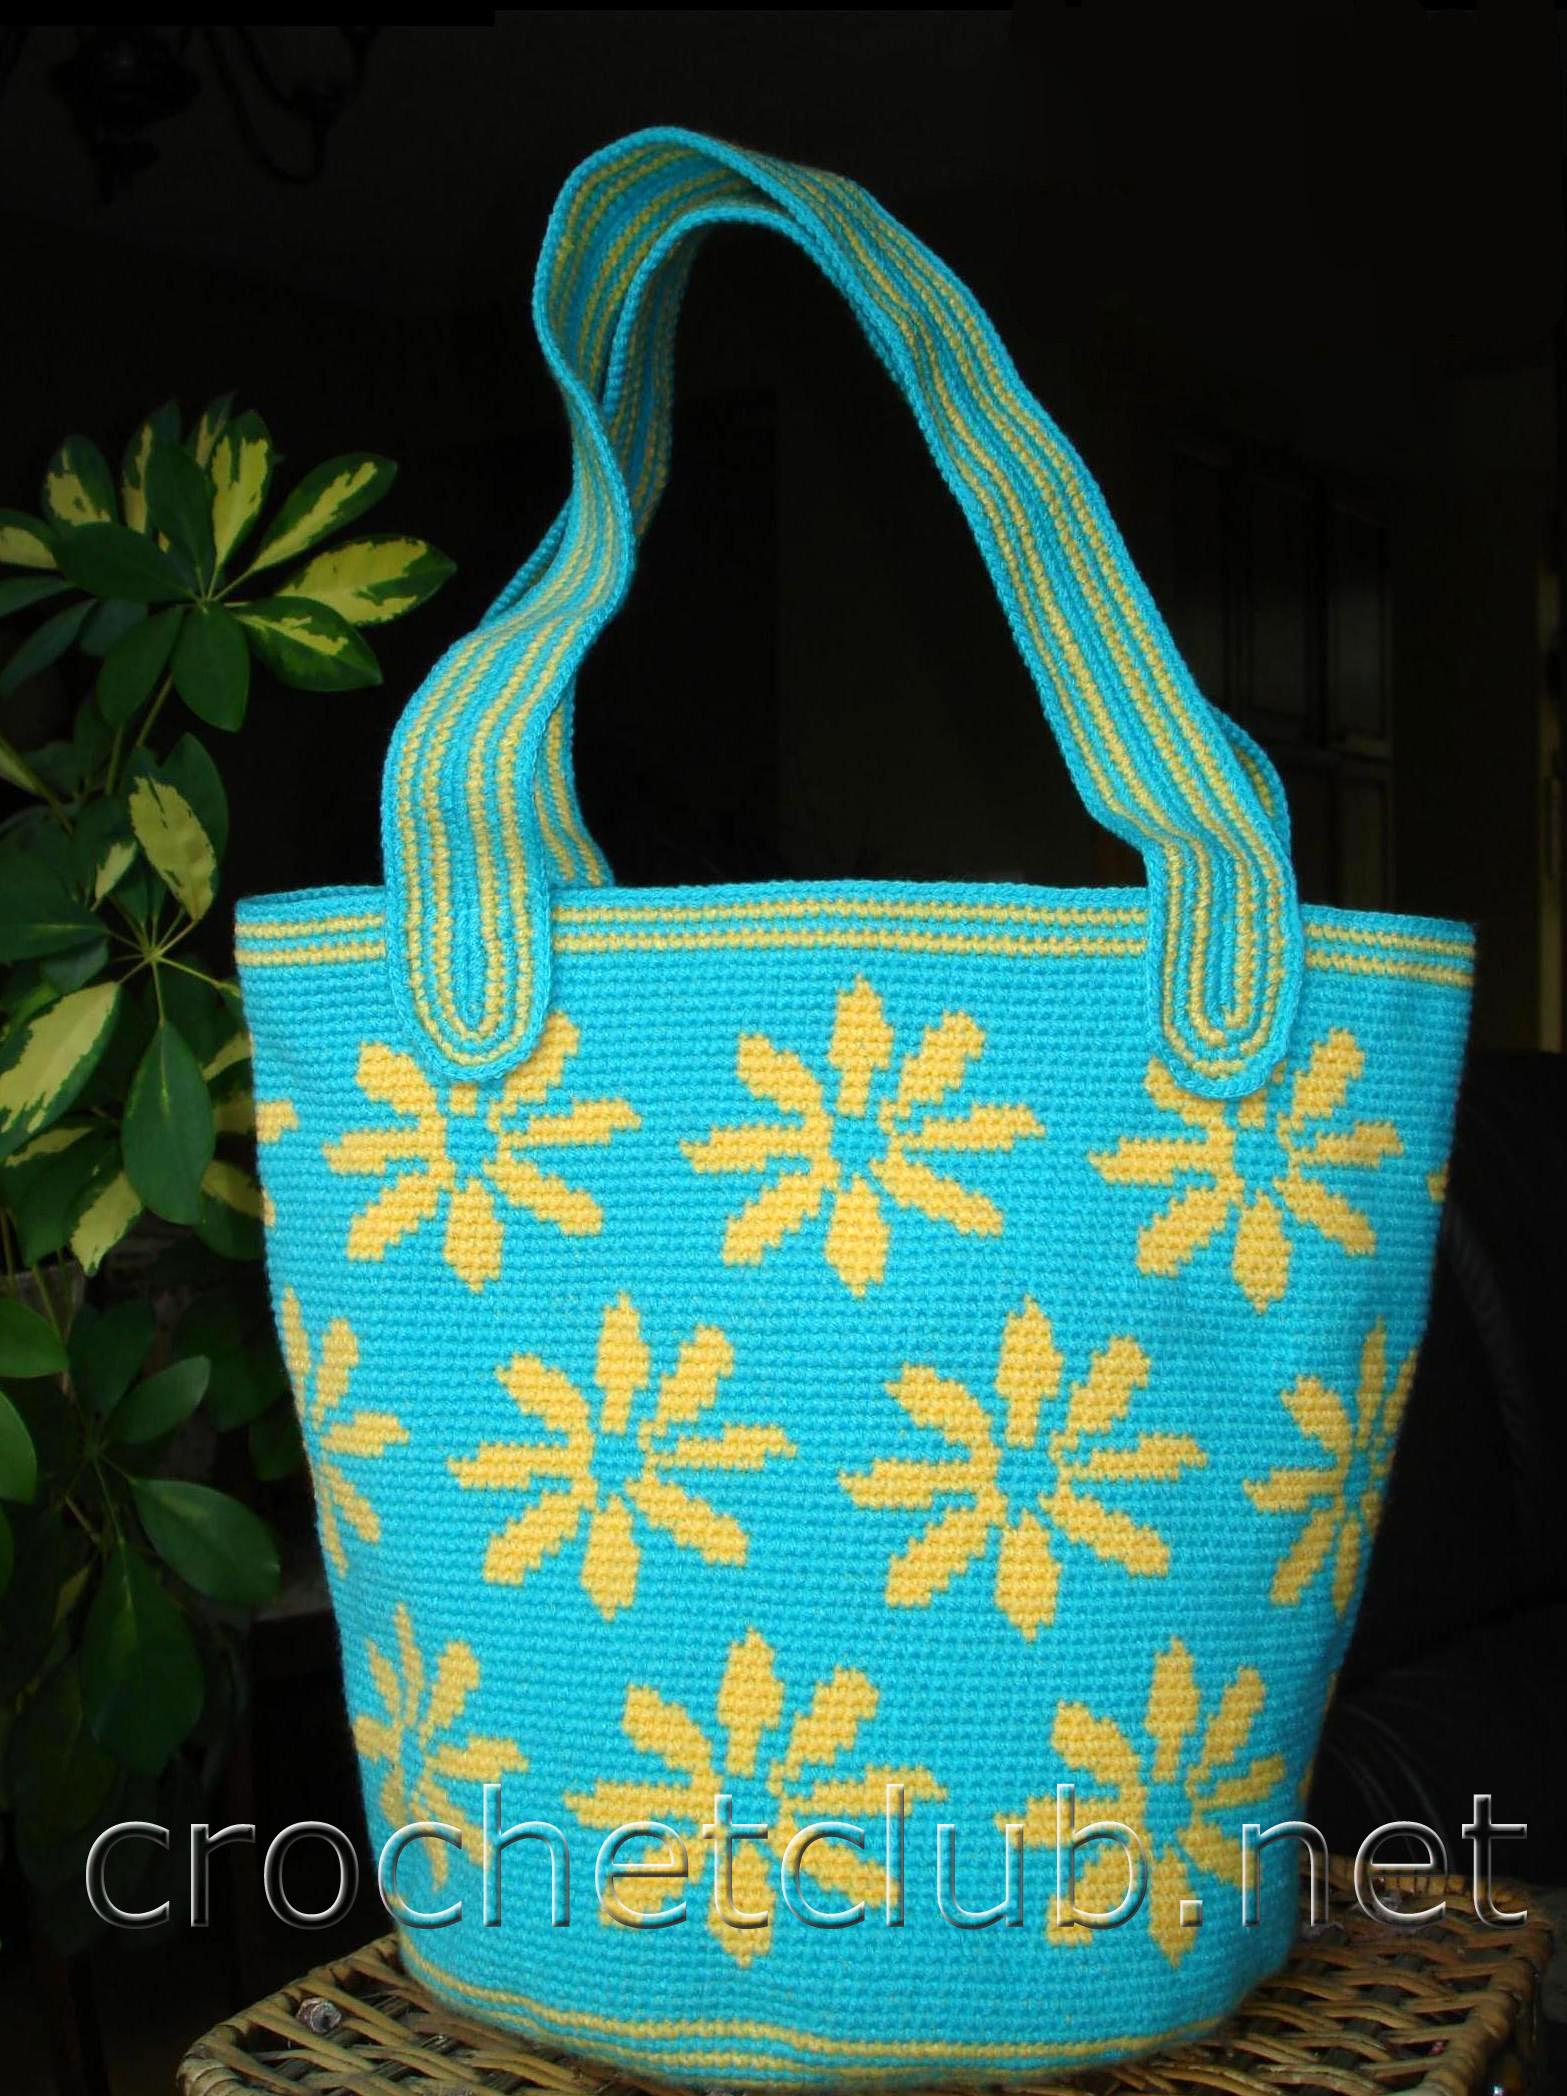 3c5c7636c3b6 Жаккардовая сумка «Ромашка» - Вязание Крючком. Блог Настика